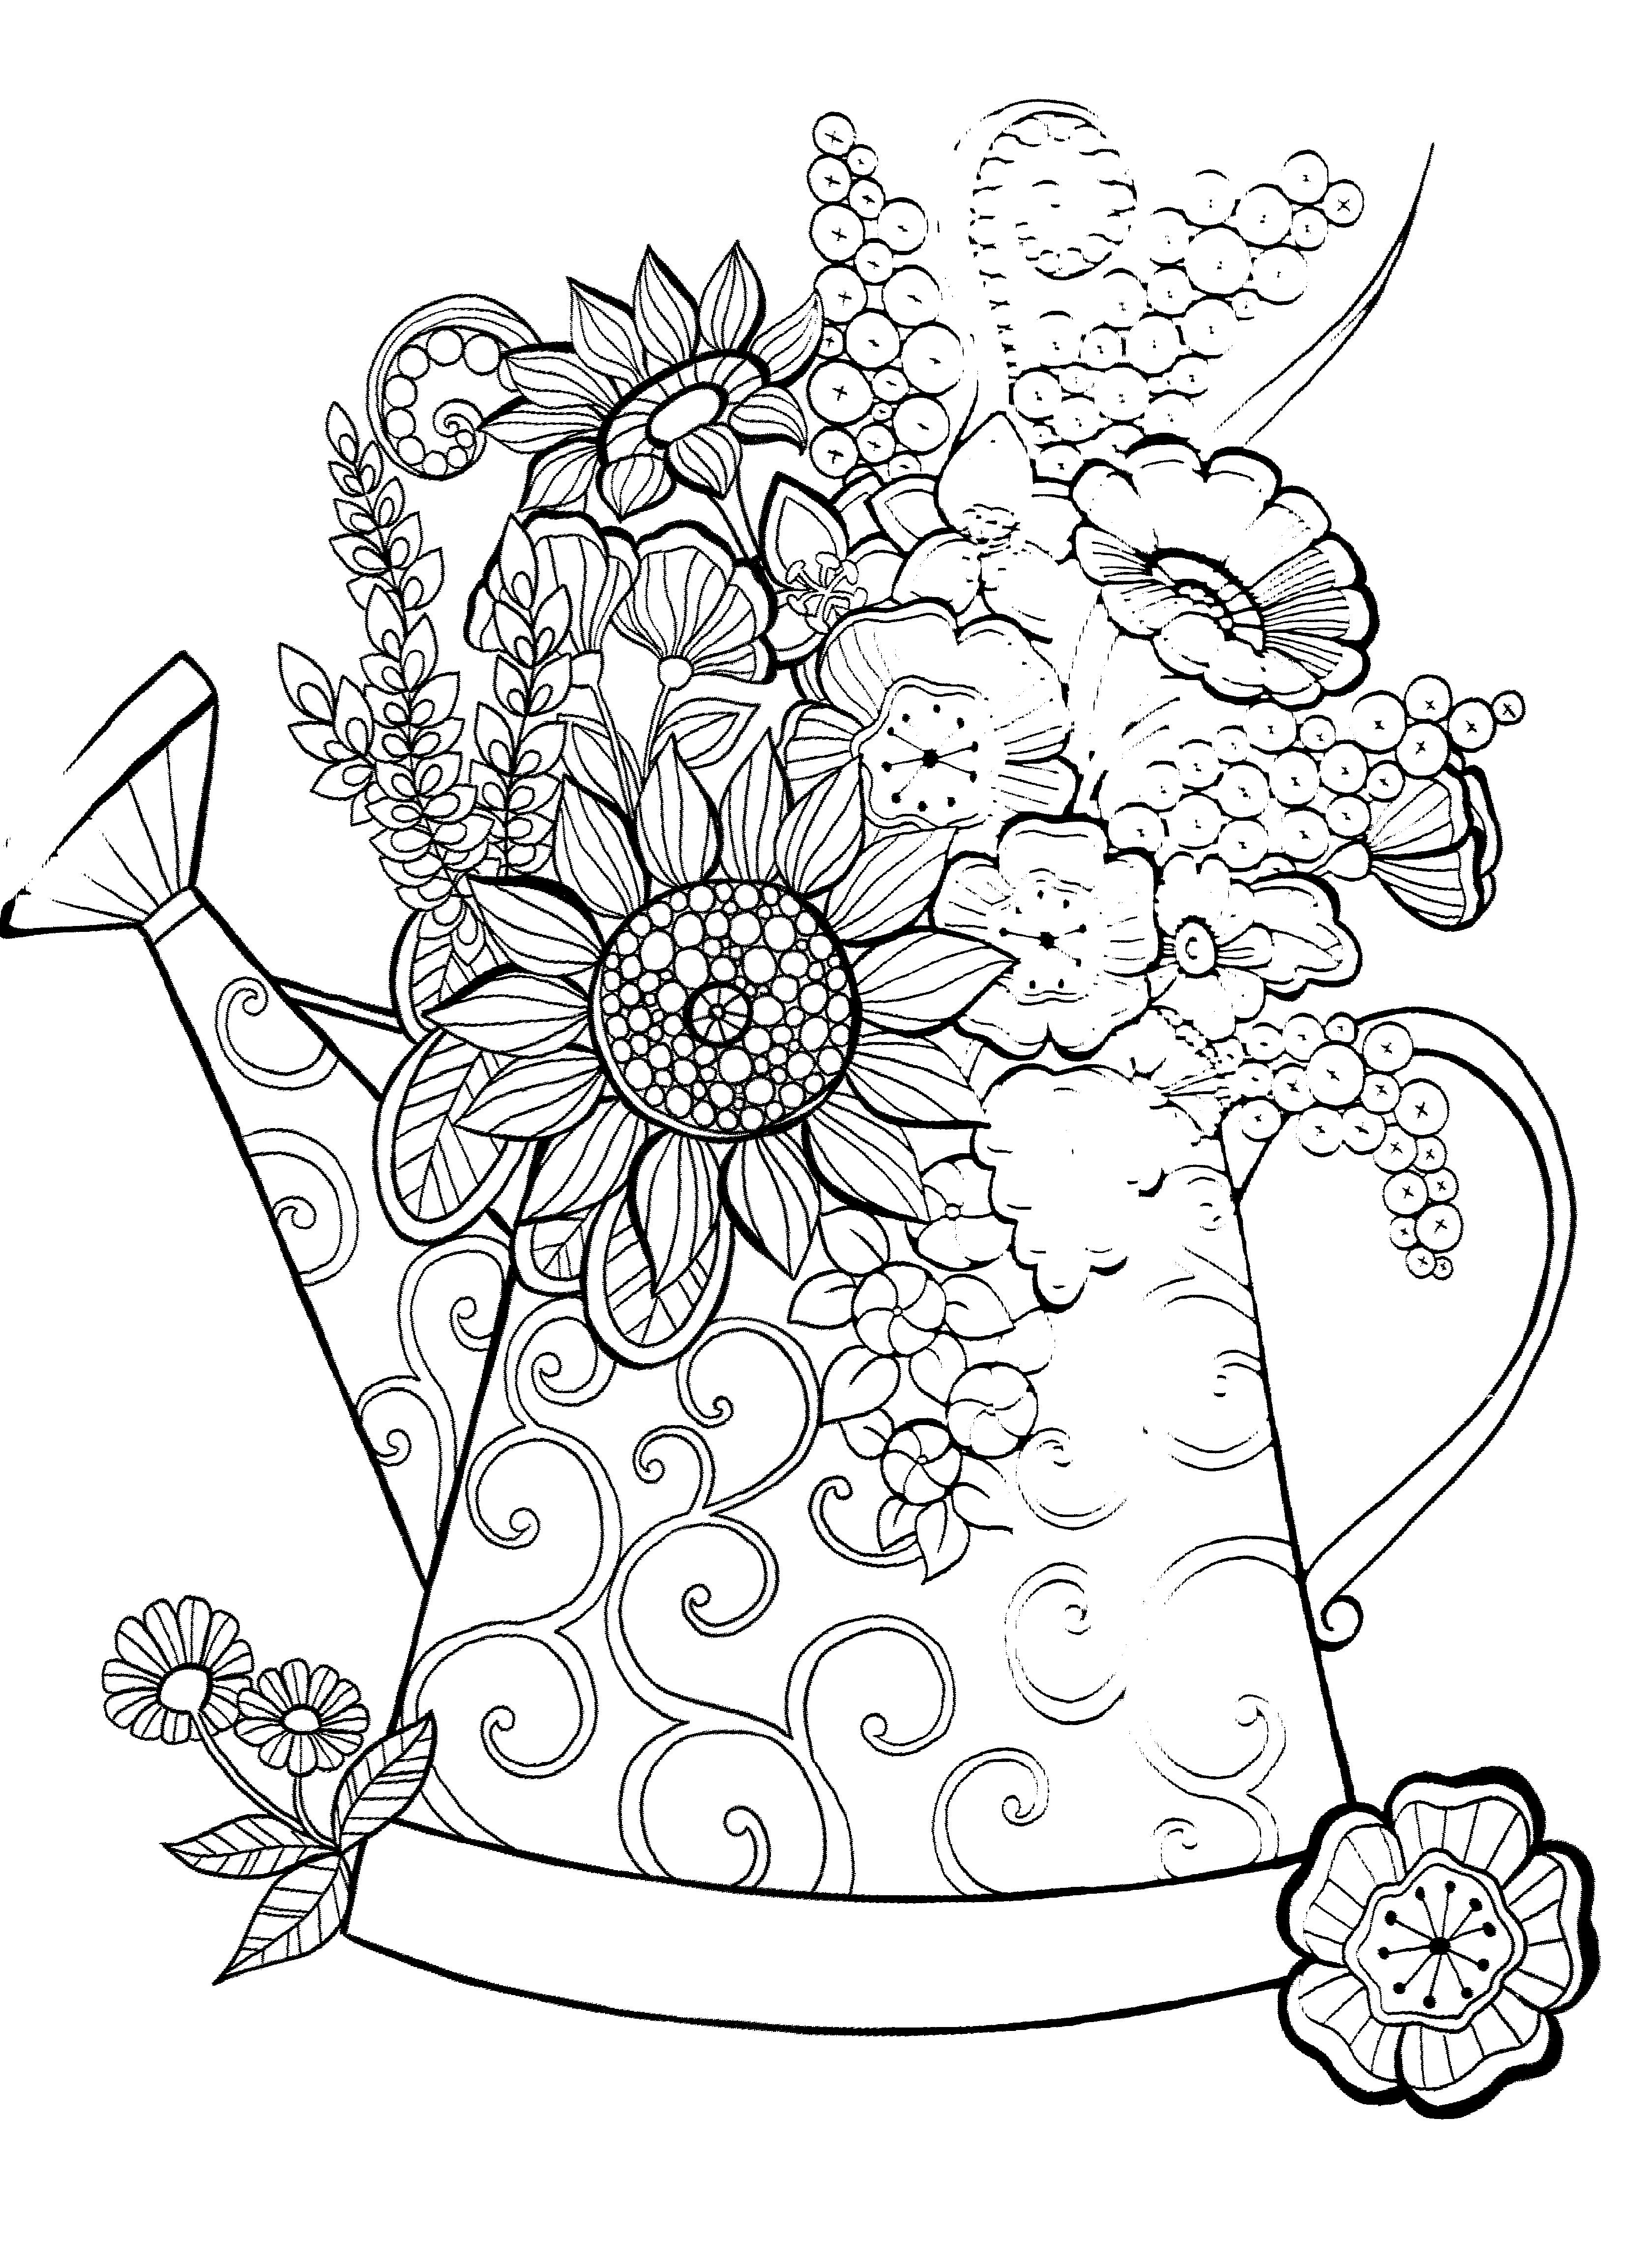 Coloriage pour enfants et adultes, mandala